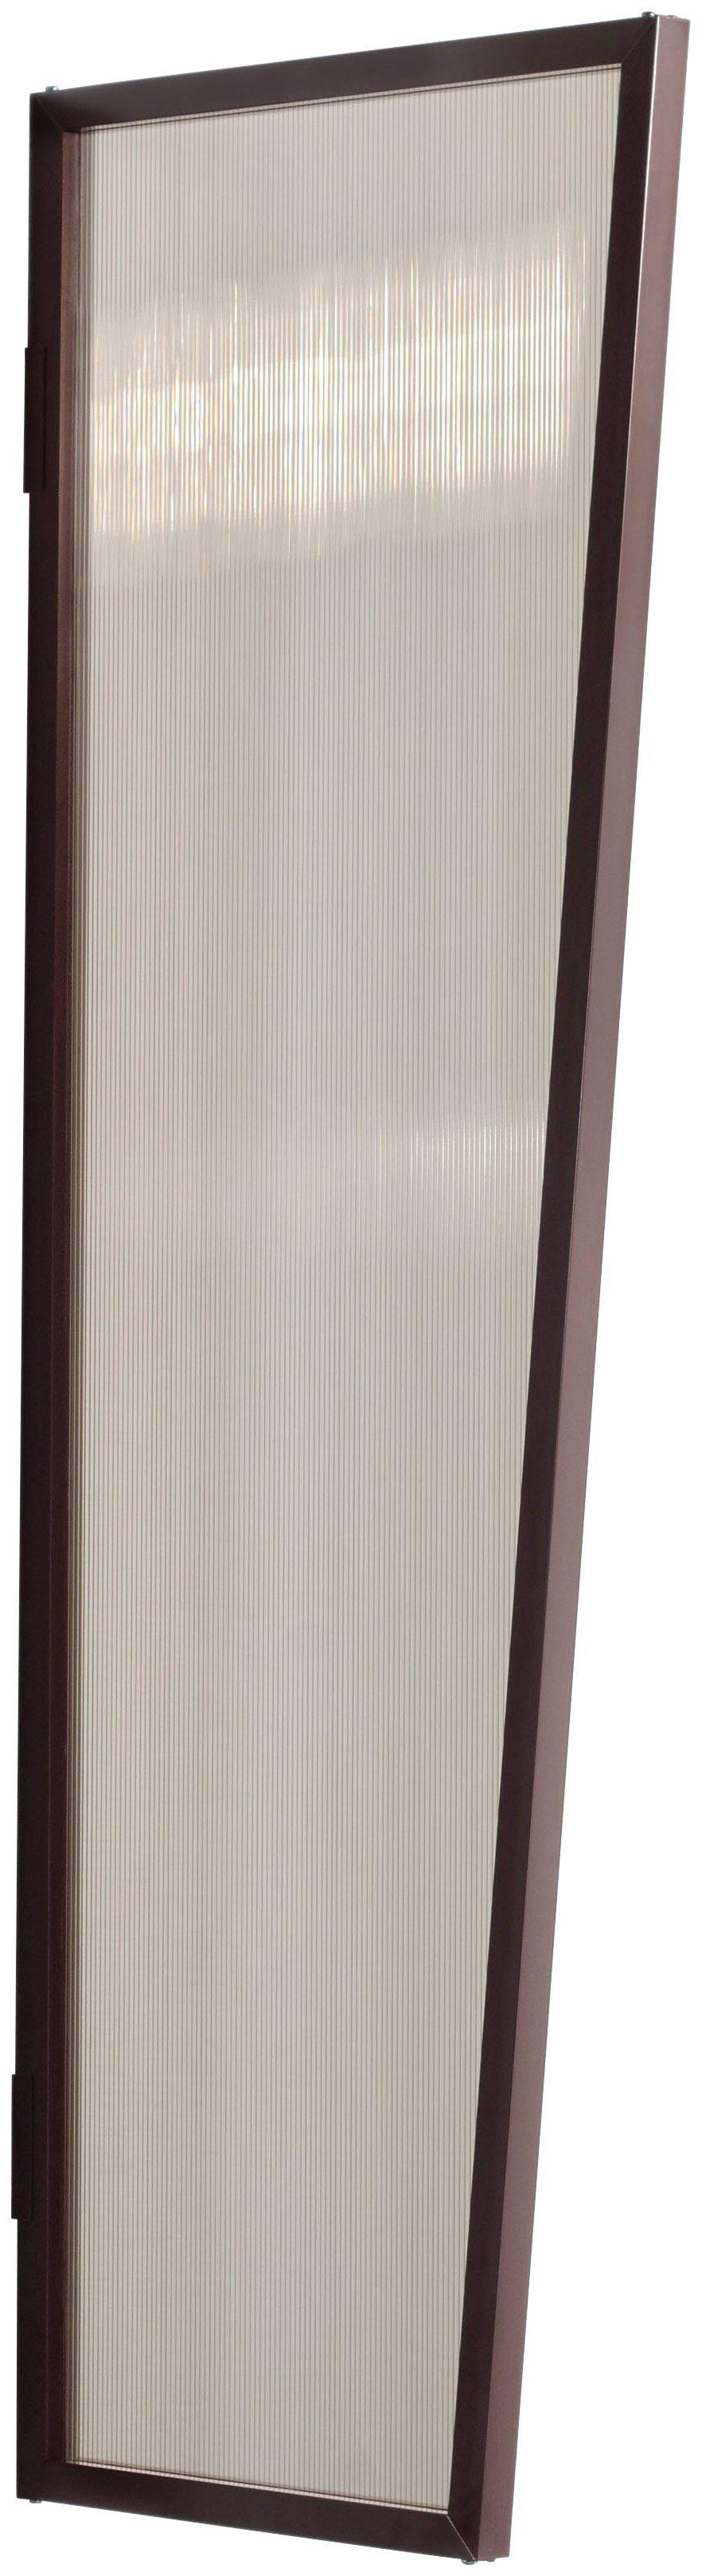 Gutta Seitenblende »B2 PC bronce«, BxH: 60x175 cm, braun